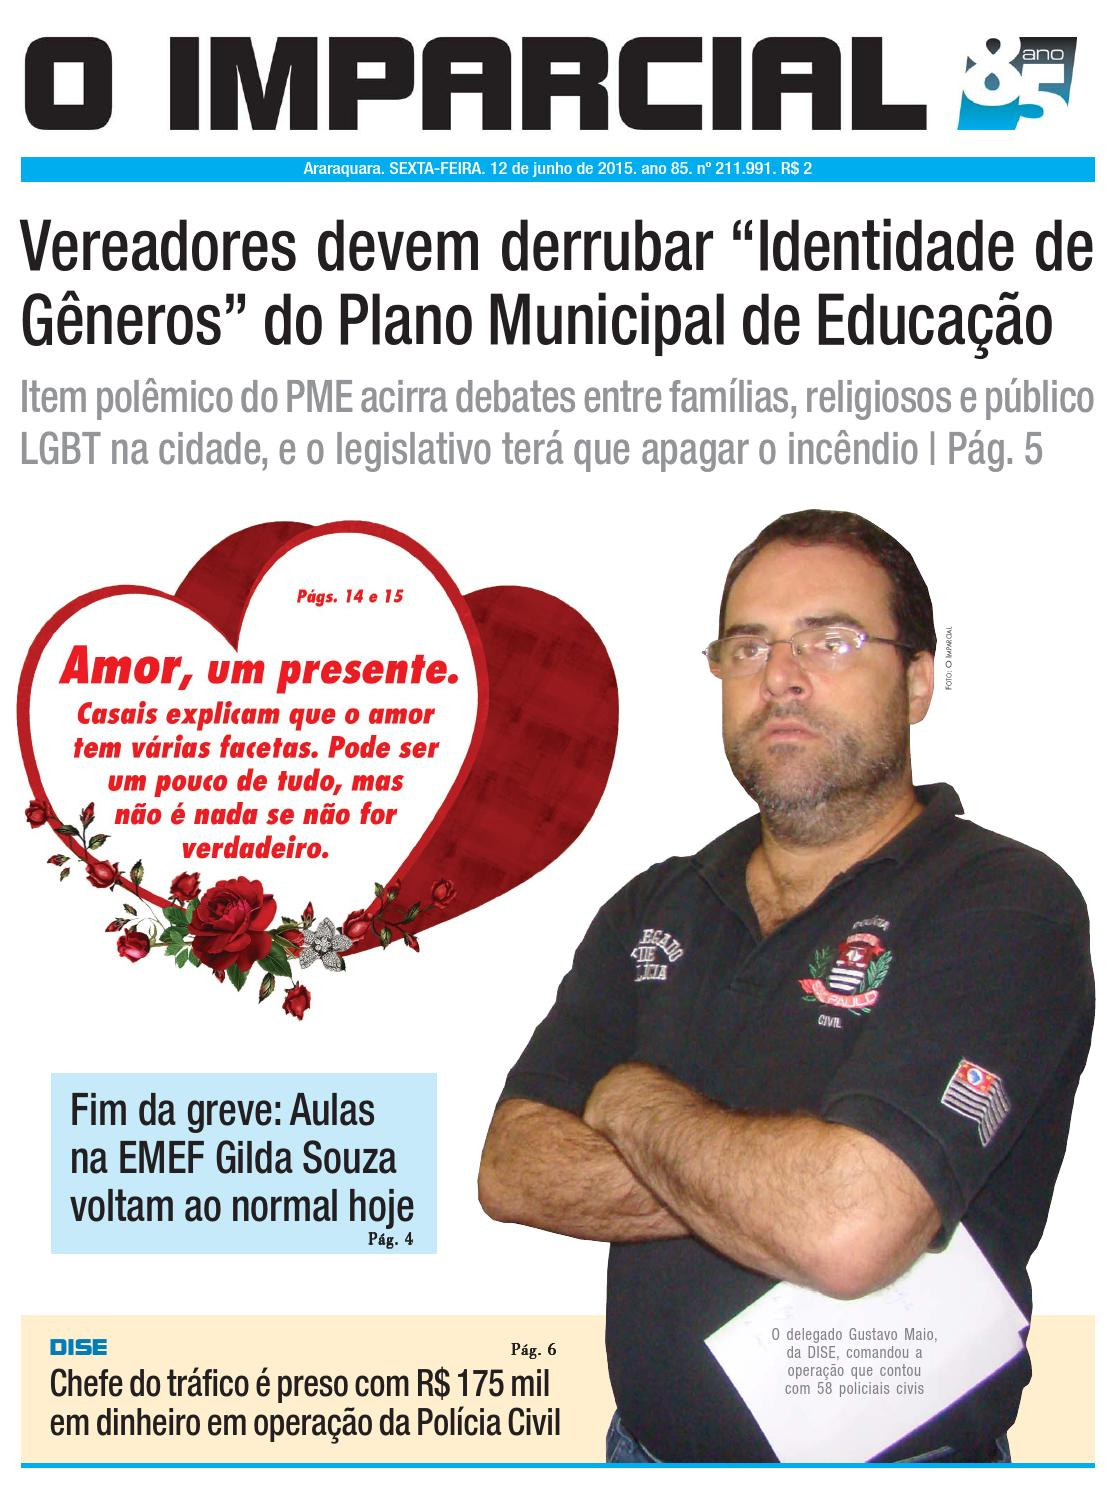 FRANZÉ COBRA GUARDAS MUNICIPAIS EM TODO O PI Gustavo